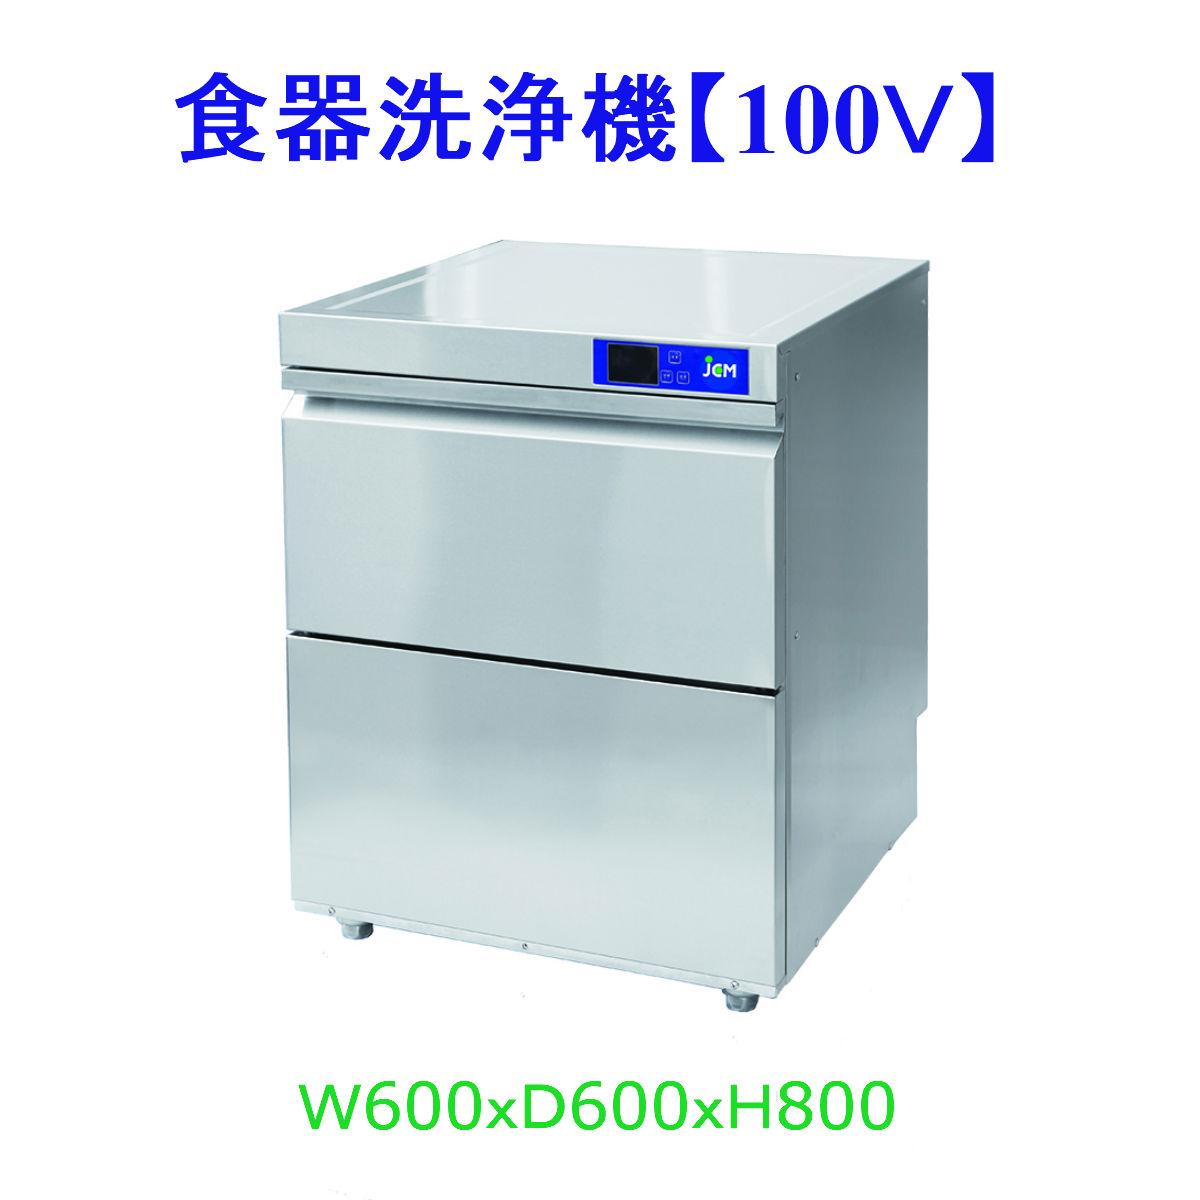 【送料無料】【新品・未使用】業務用 アンダーカウンタータイプ 食器洗浄機 JCMD-40U1 100V